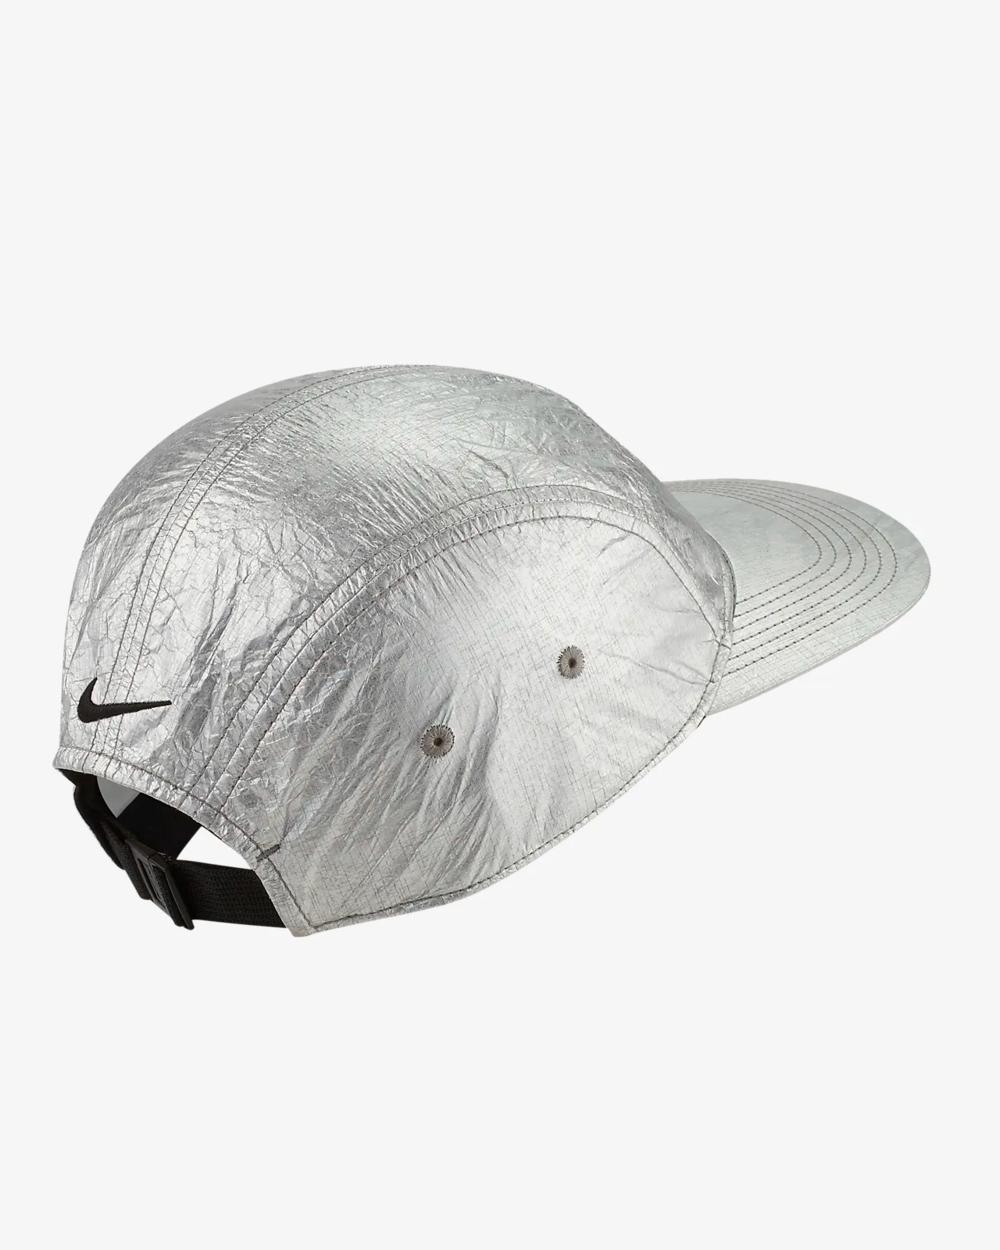 aw85-hat-3pKs2W (1).png